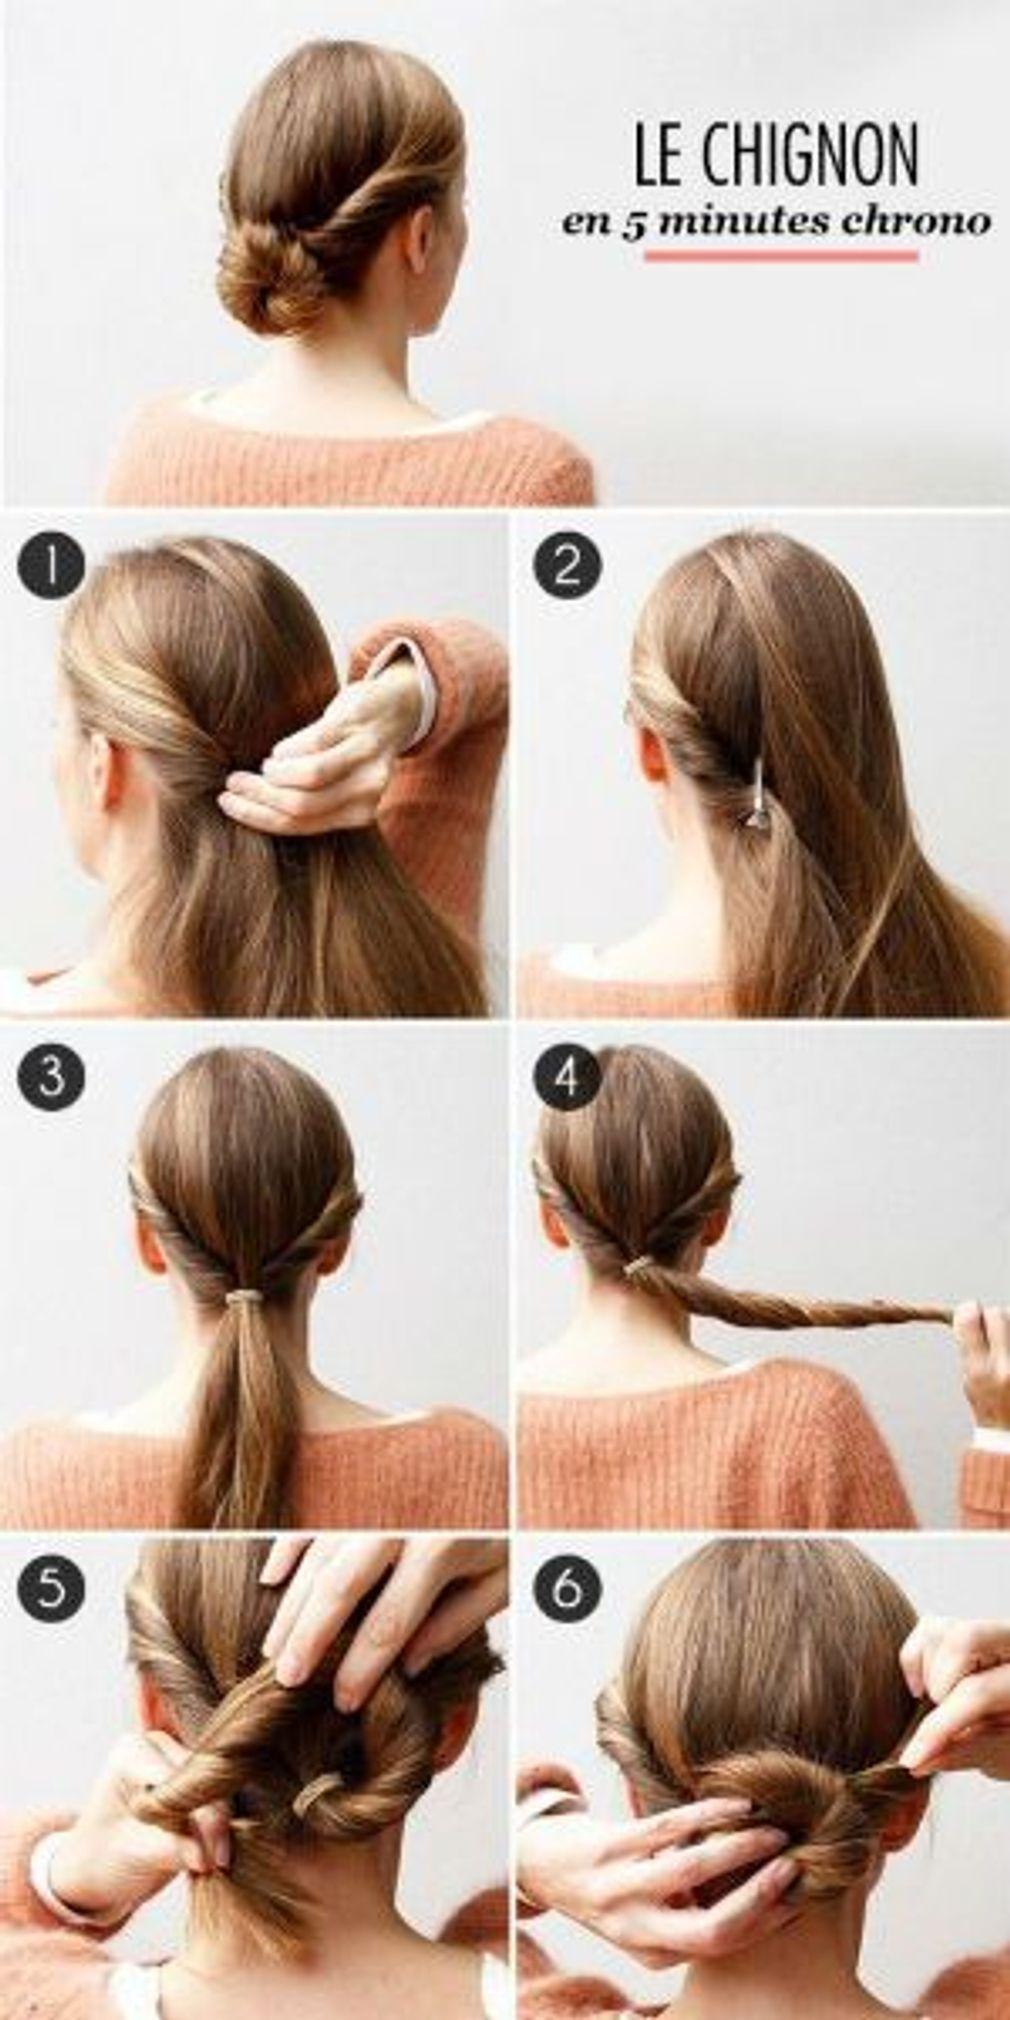 Coiffures Simples Et Belles Facile A Faire Cheveux Longs Mi Longs Youtube Coiffures Simples Coiffure Mi Long De Beaux Cheveux